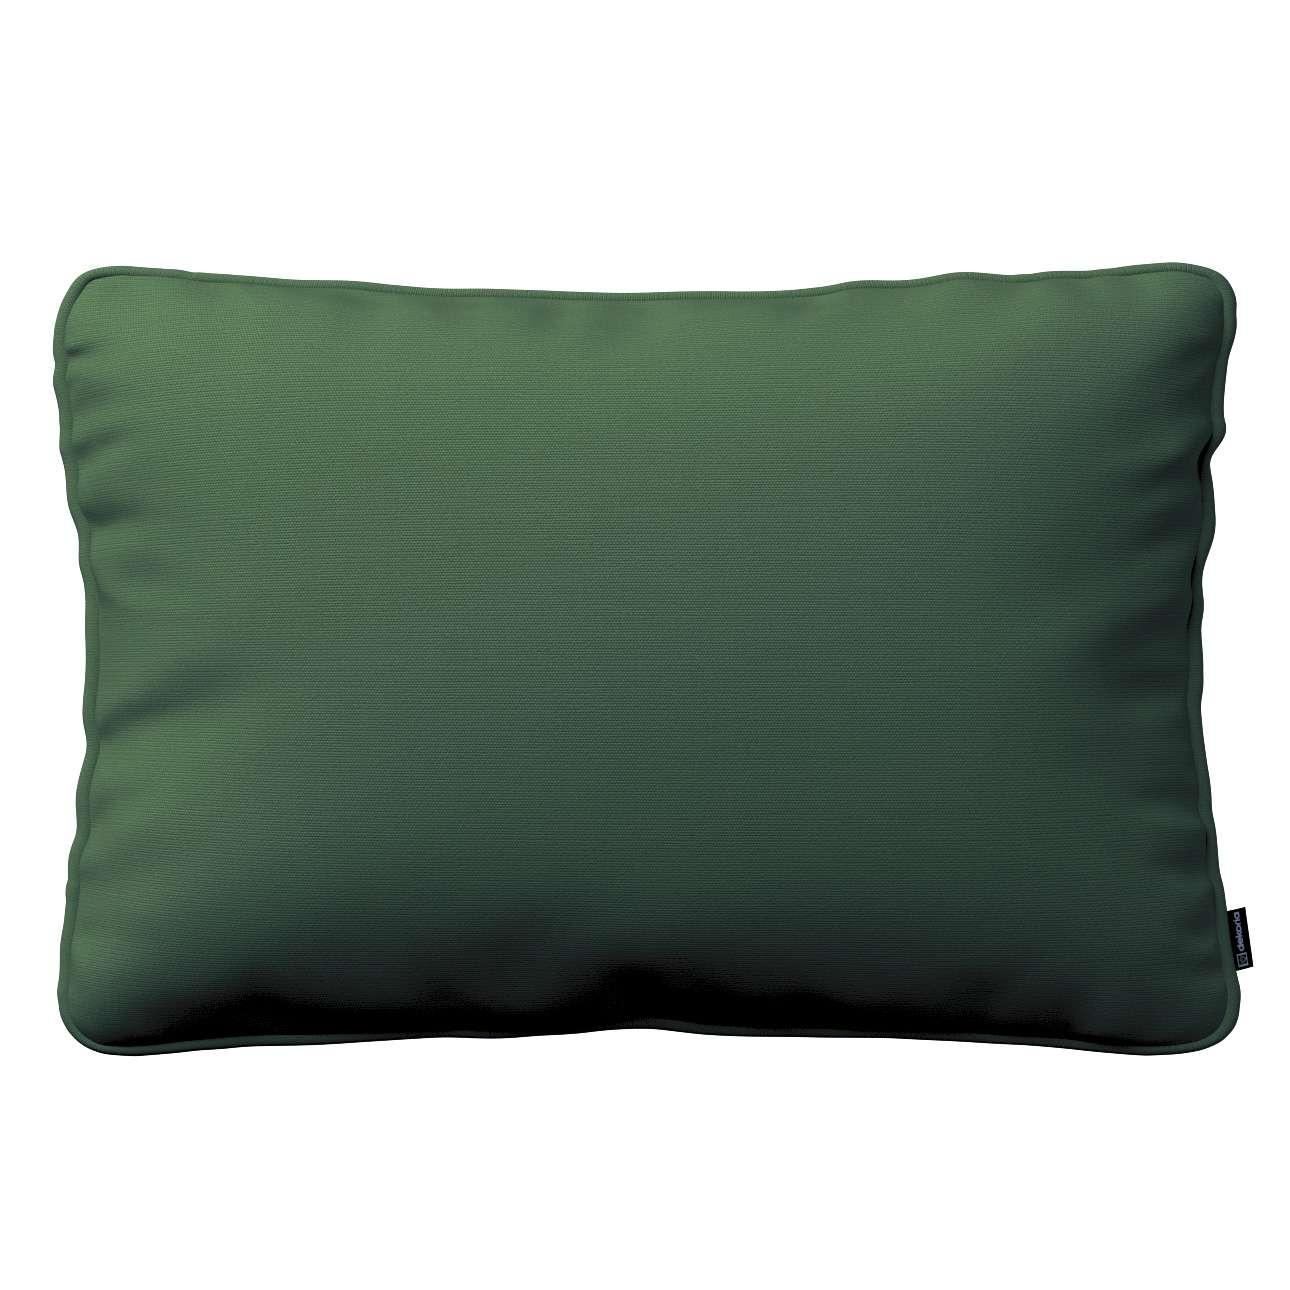 Poszewka Gabi na poduszkę prostokątna 60 x 40 cm w kolekcji Cotton Panama, tkanina: 702-06